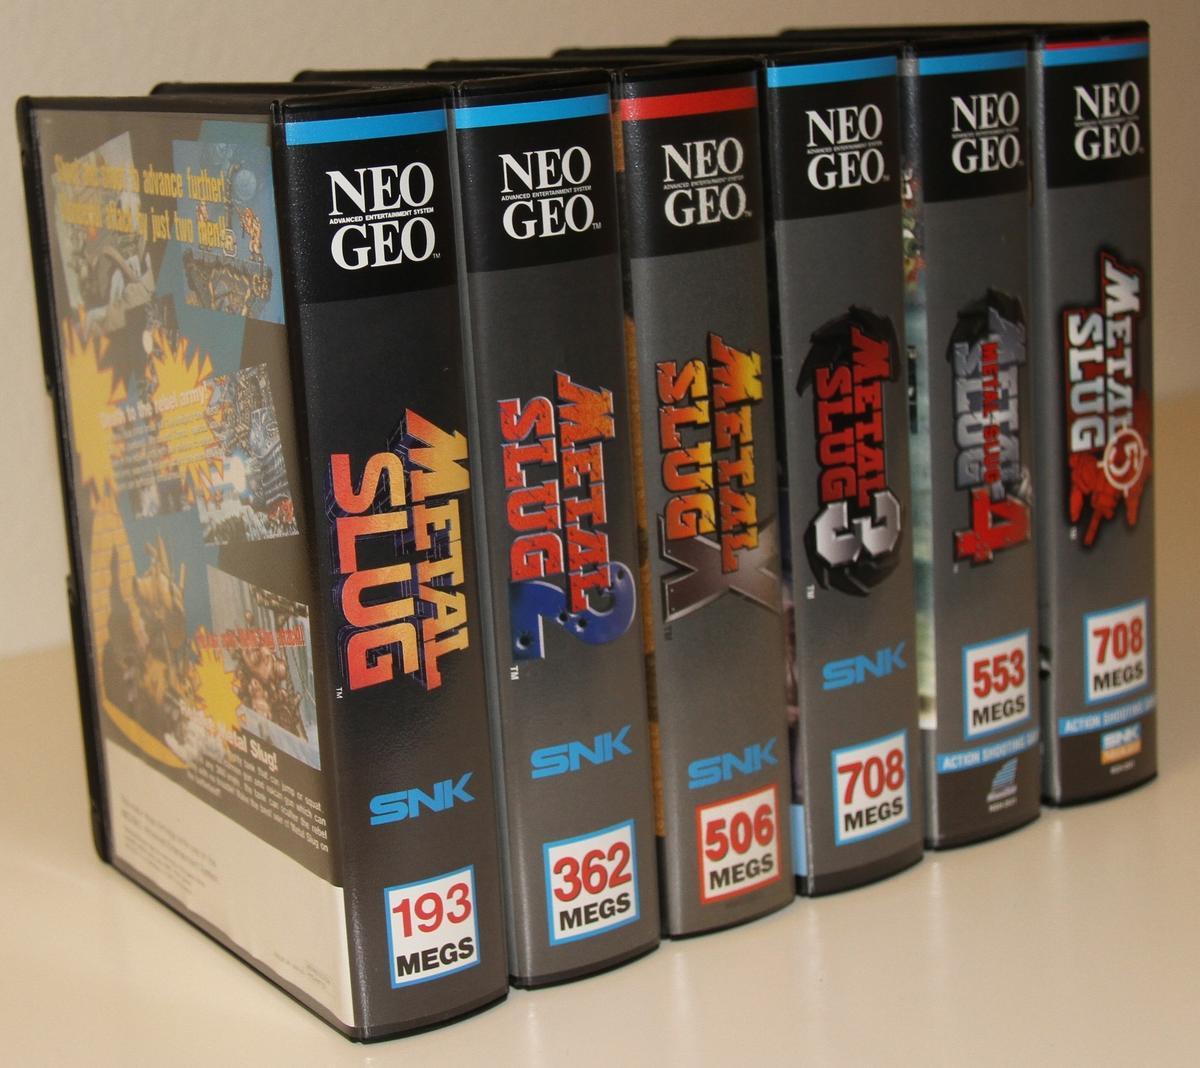 metal-slug-complete-set001.jpg